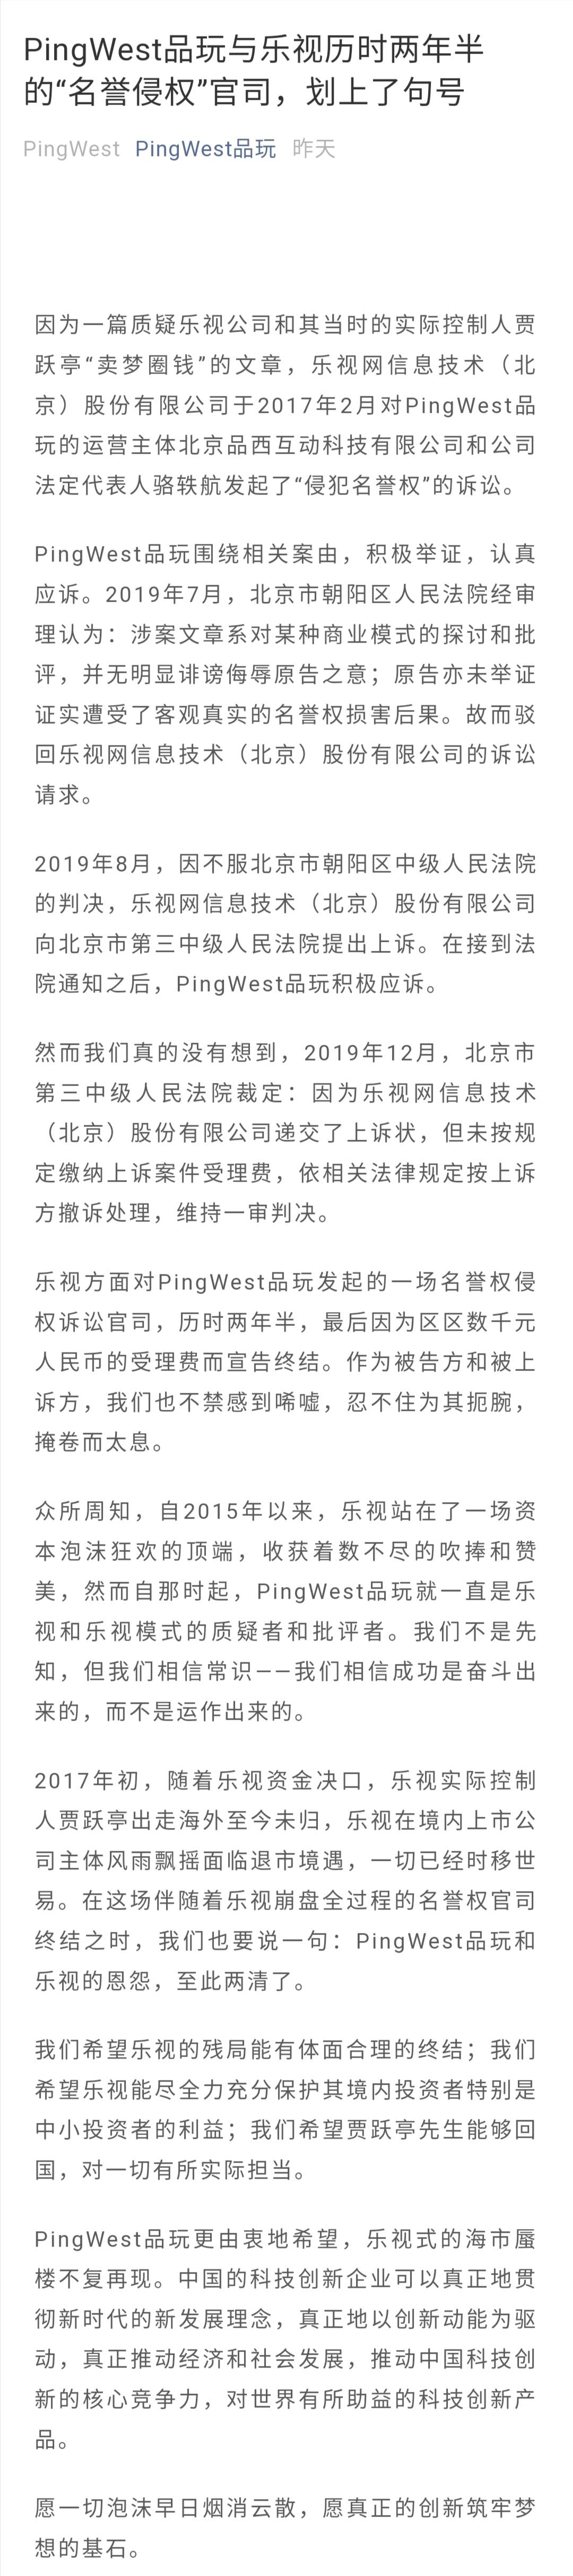 蓝鲸财经-乐视诉PingWest品玩名誉侵权案完结,法院驳回乐视诉求